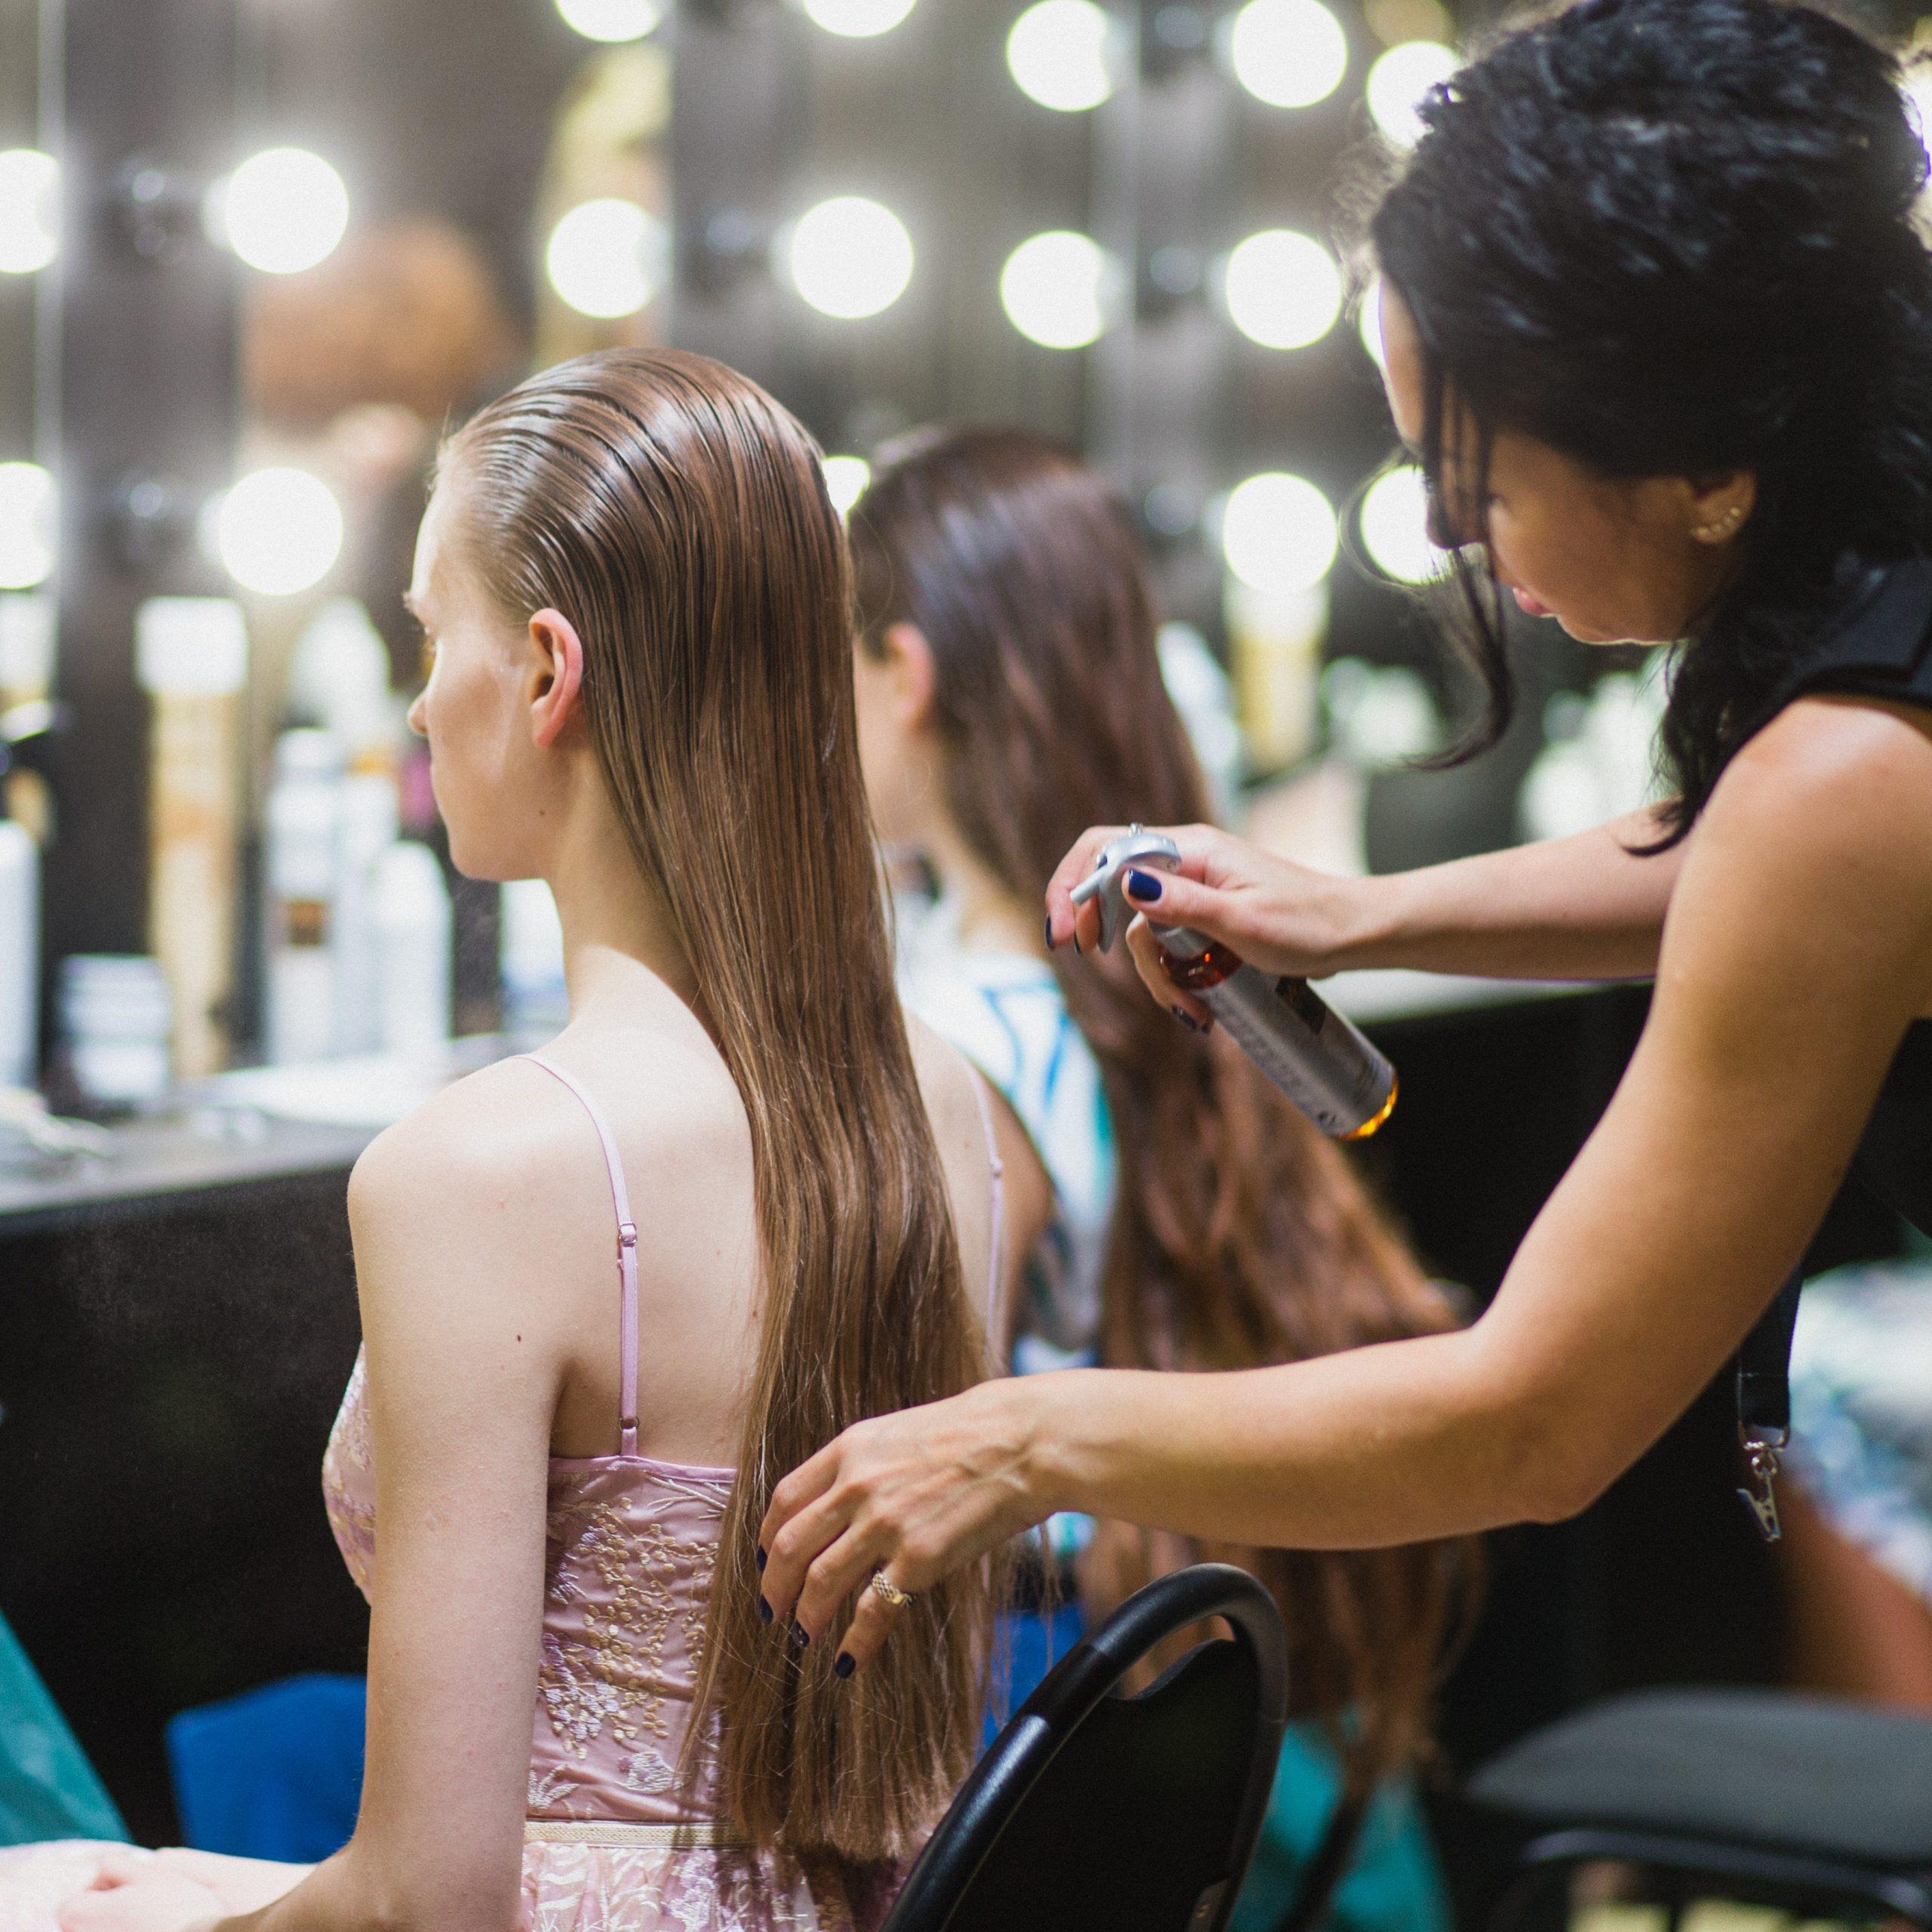 cách chăm sóc tóc khô xơ và chẻ ngọn